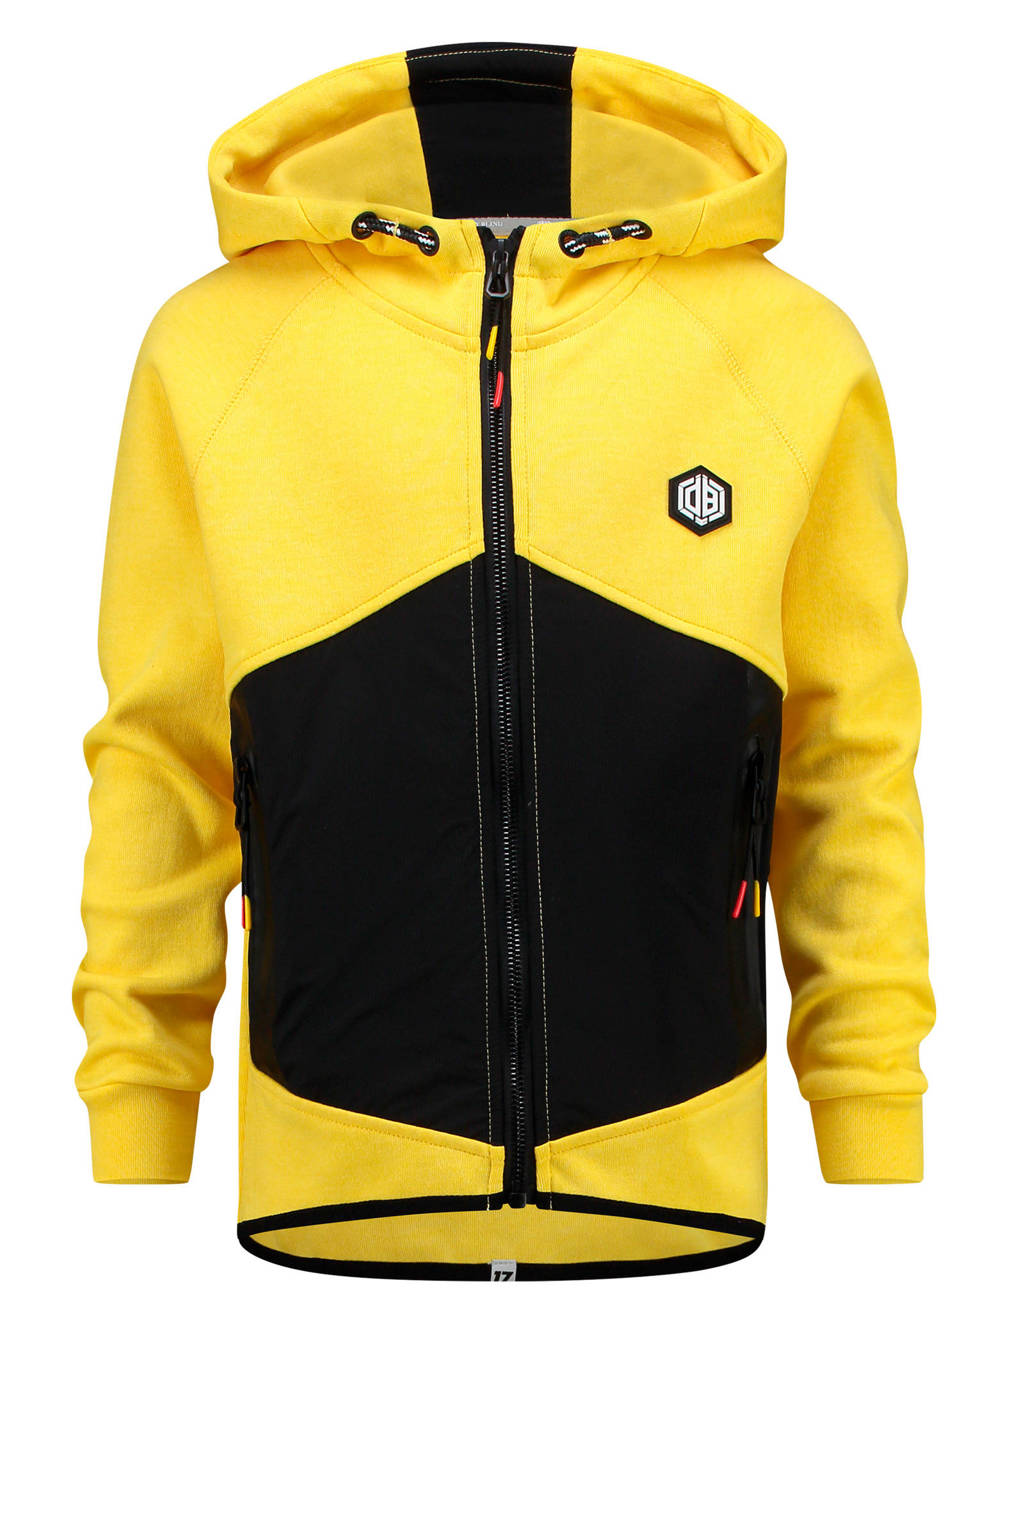 Vingino vest Daley Blind geel/zwart/rood, Geel/zwart/rood